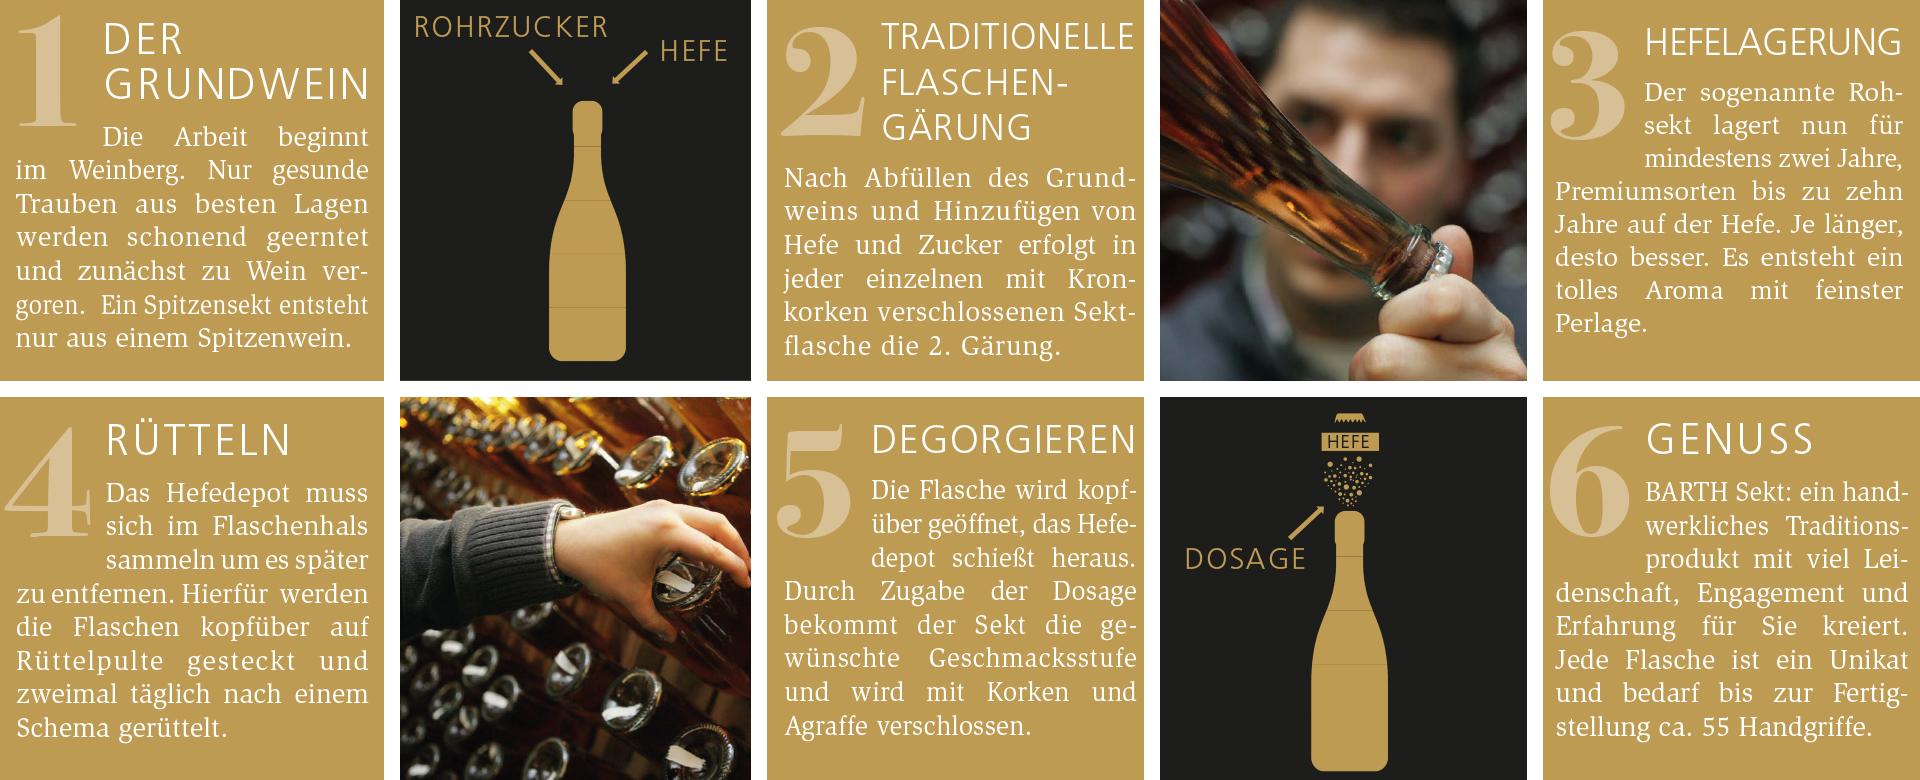 BARTH Sektherstellung traditionelle Flaschengärung